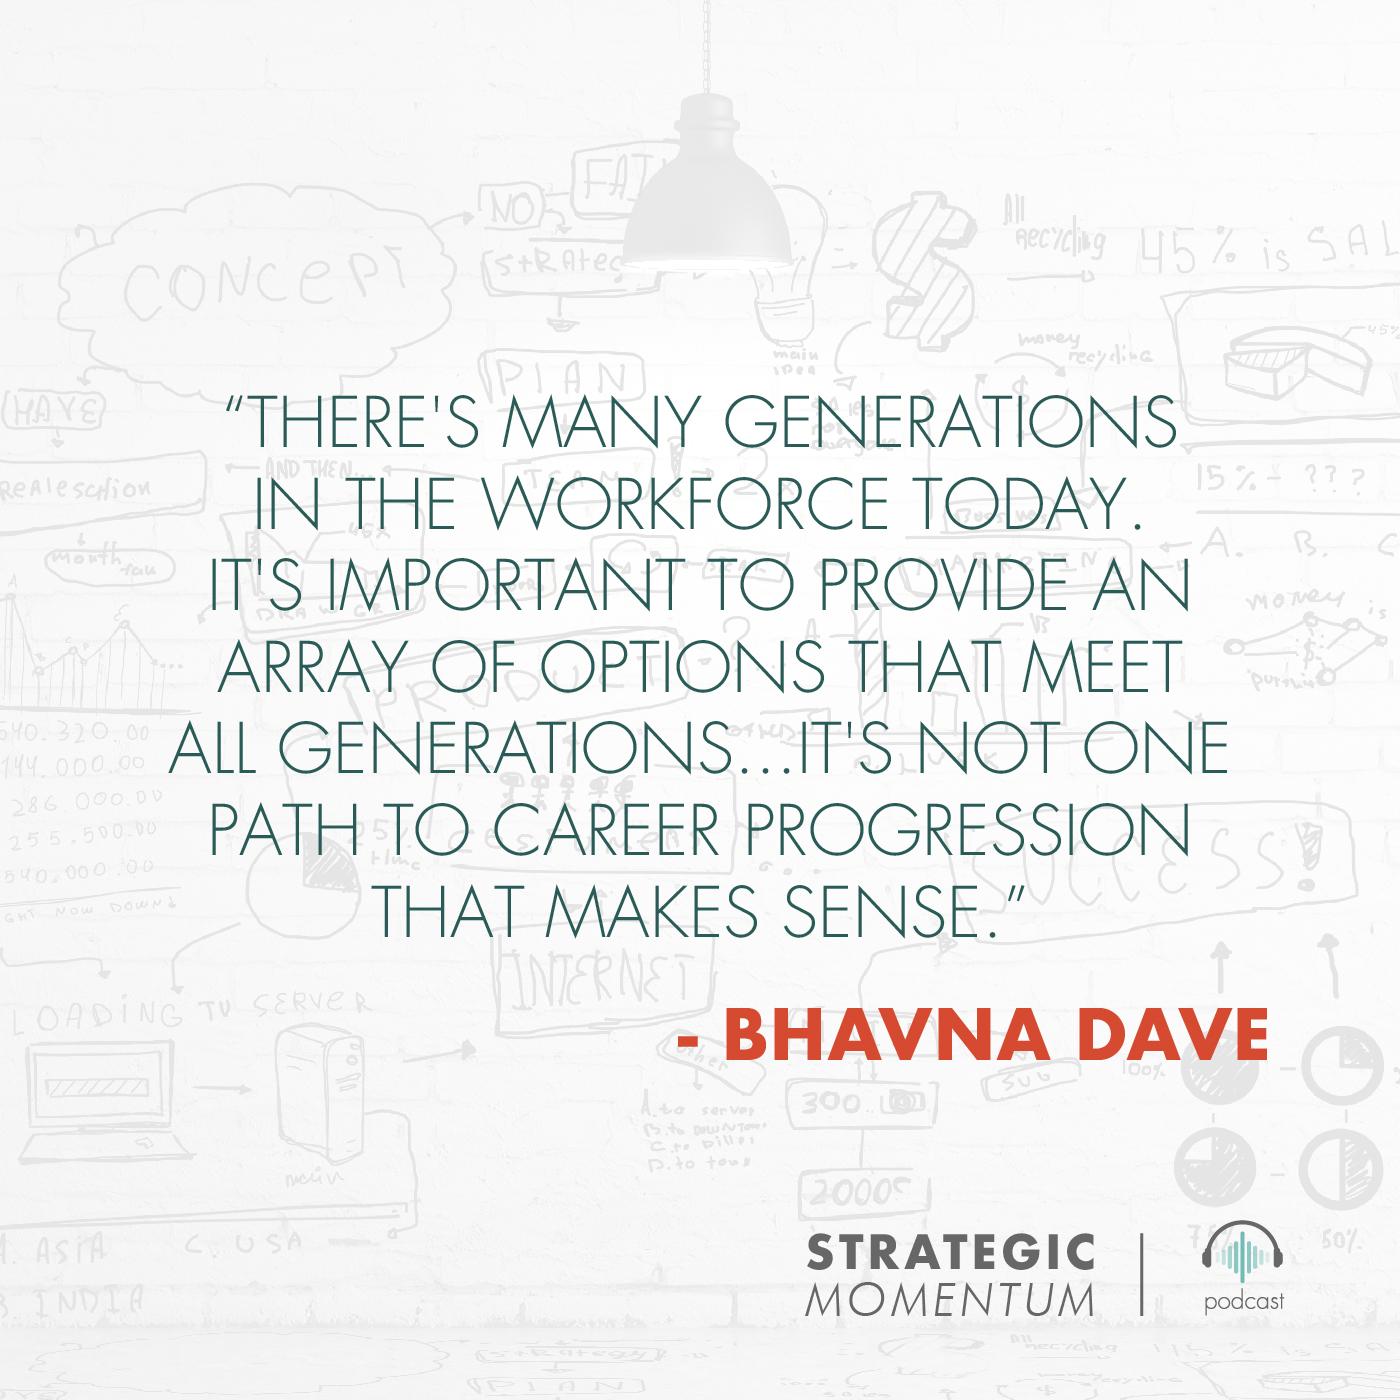 Bhavna Dave Quote | Strategic Momentum Podcast